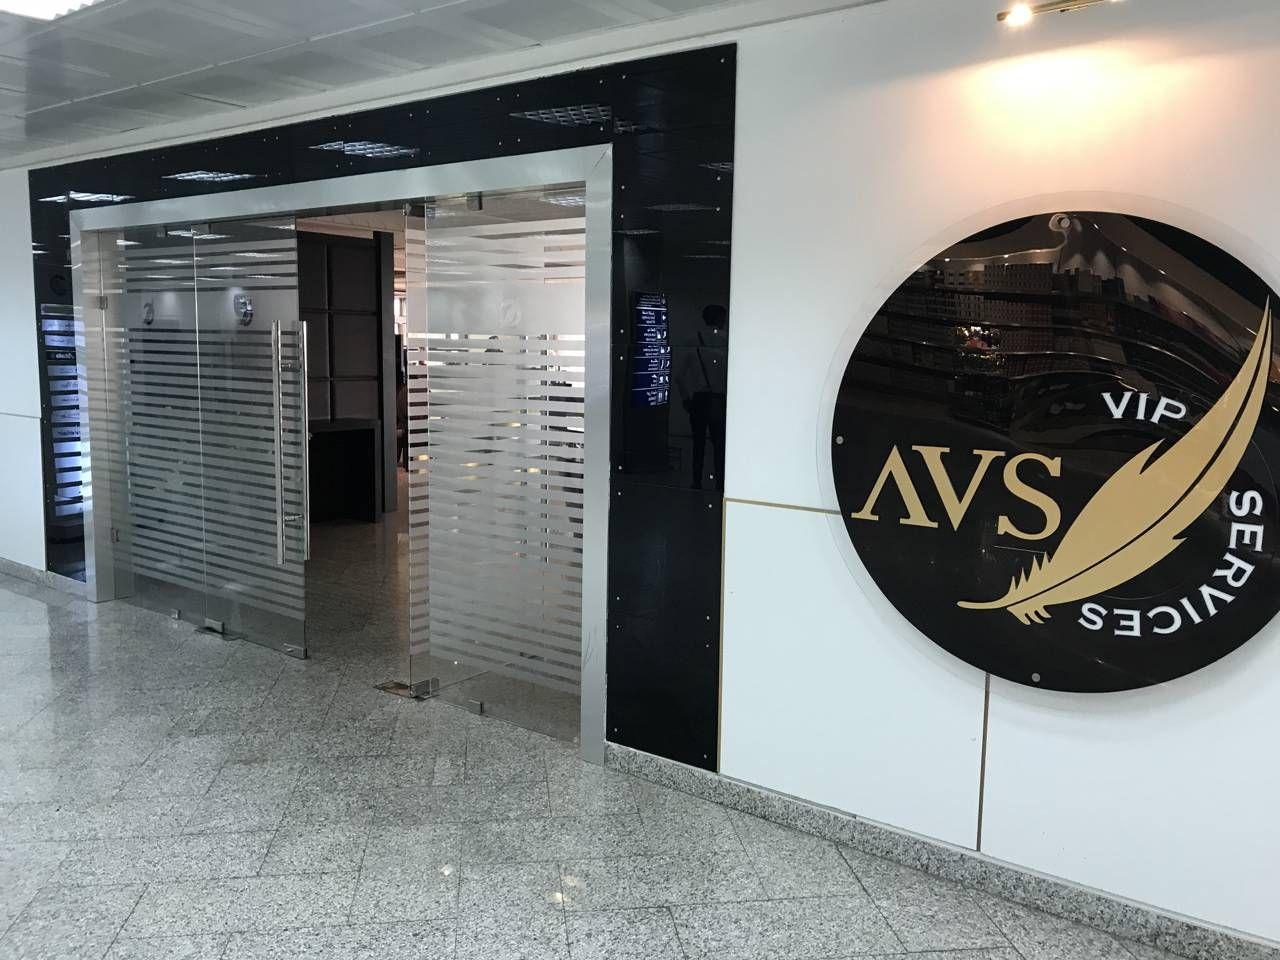 Sala VIP AVS – Aeroporto de Tunis (TUN)